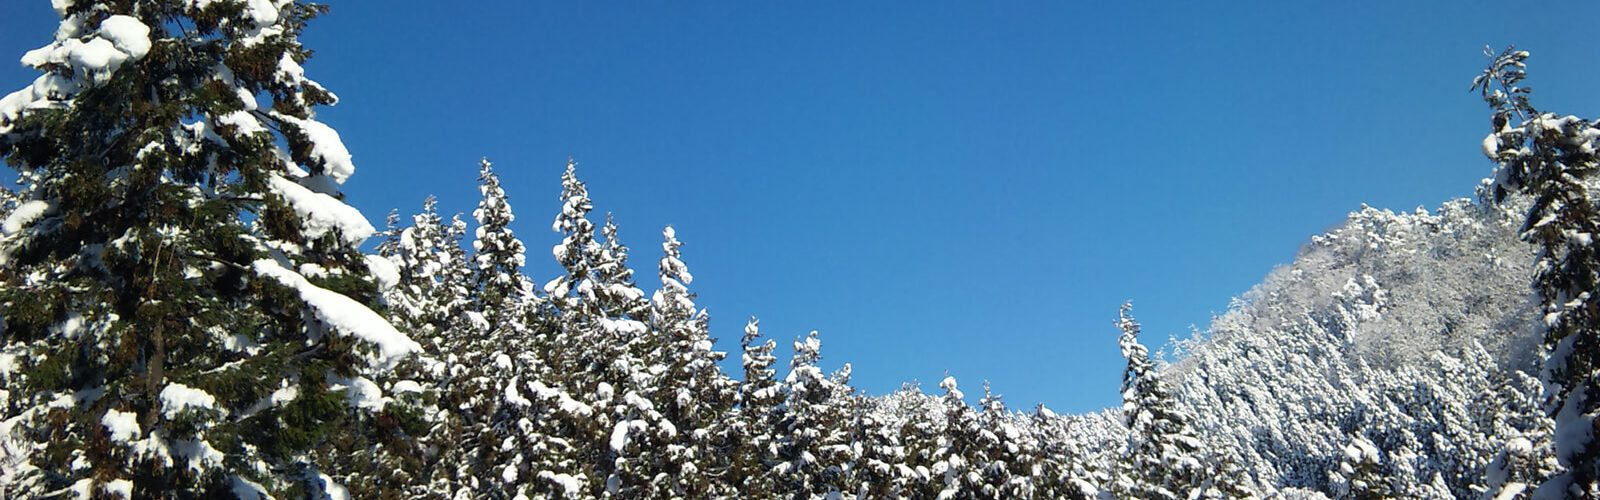 杉林雪と空